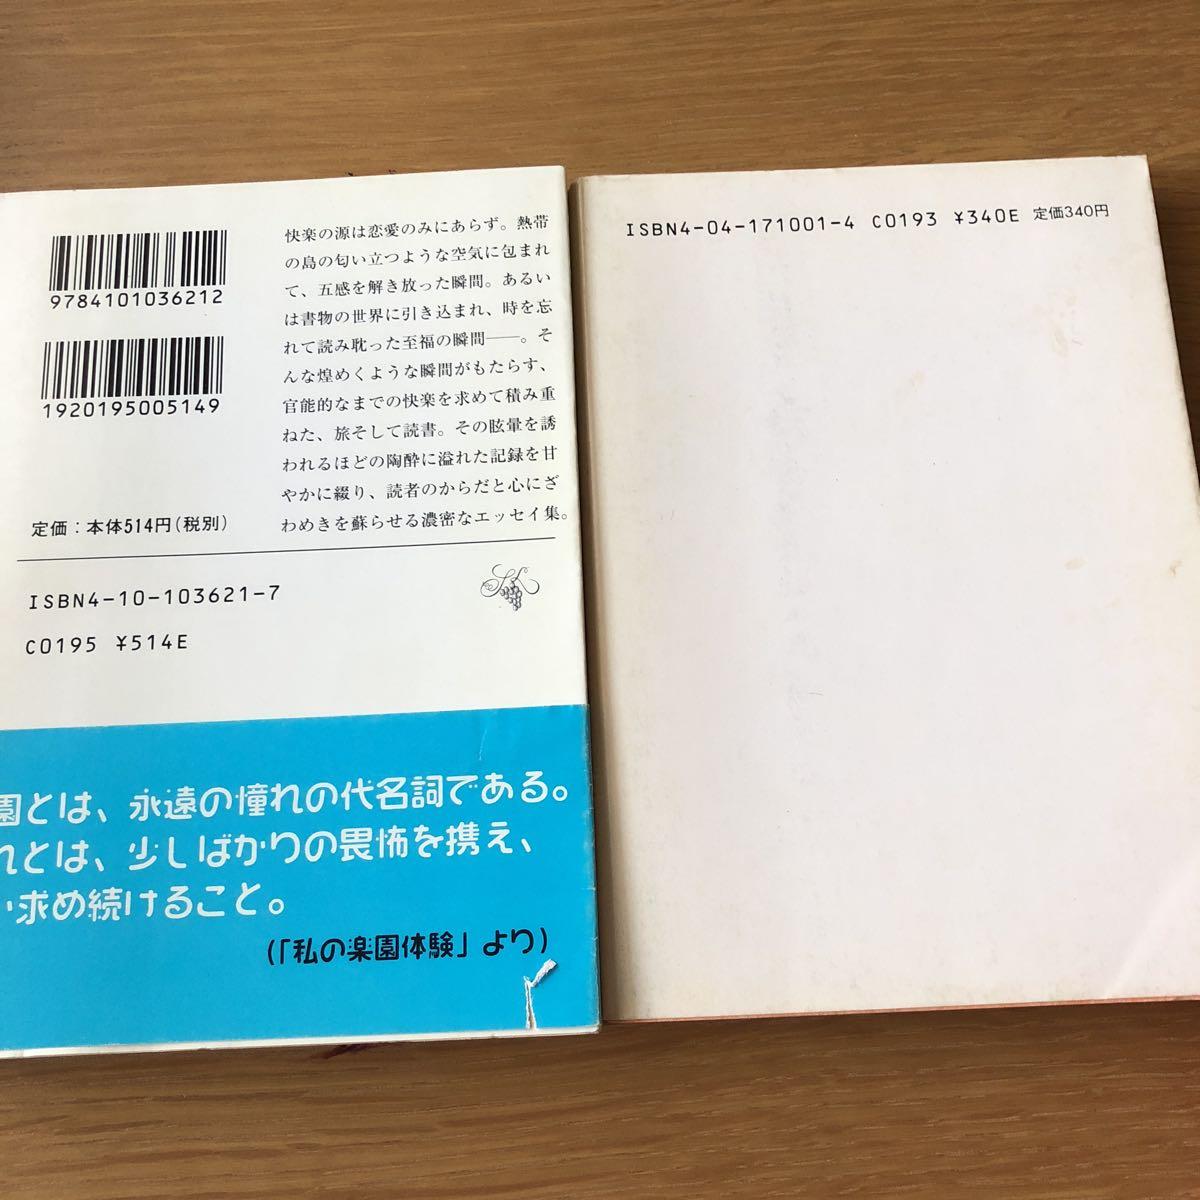 山田詠美 新潮文庫 エイミー・ショウズ/角川文庫 ラバーズ・オンリー 2冊_画像2